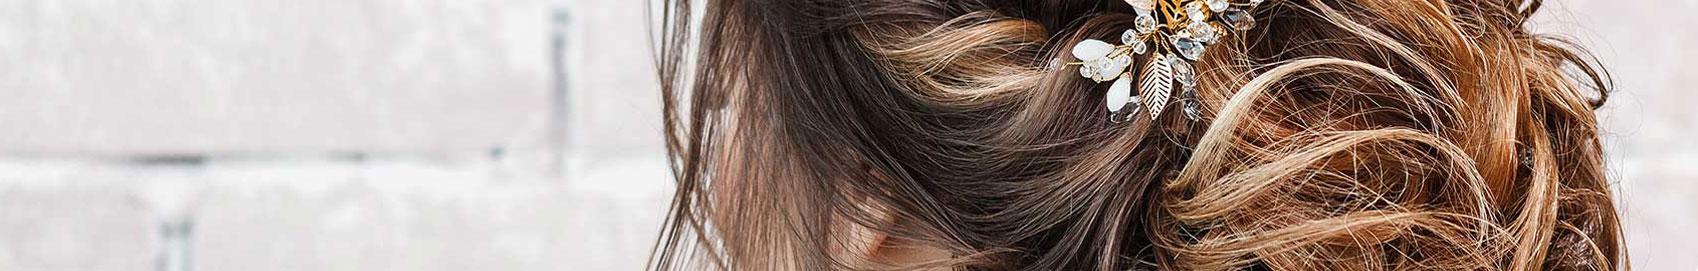 Les techniques de coiffage